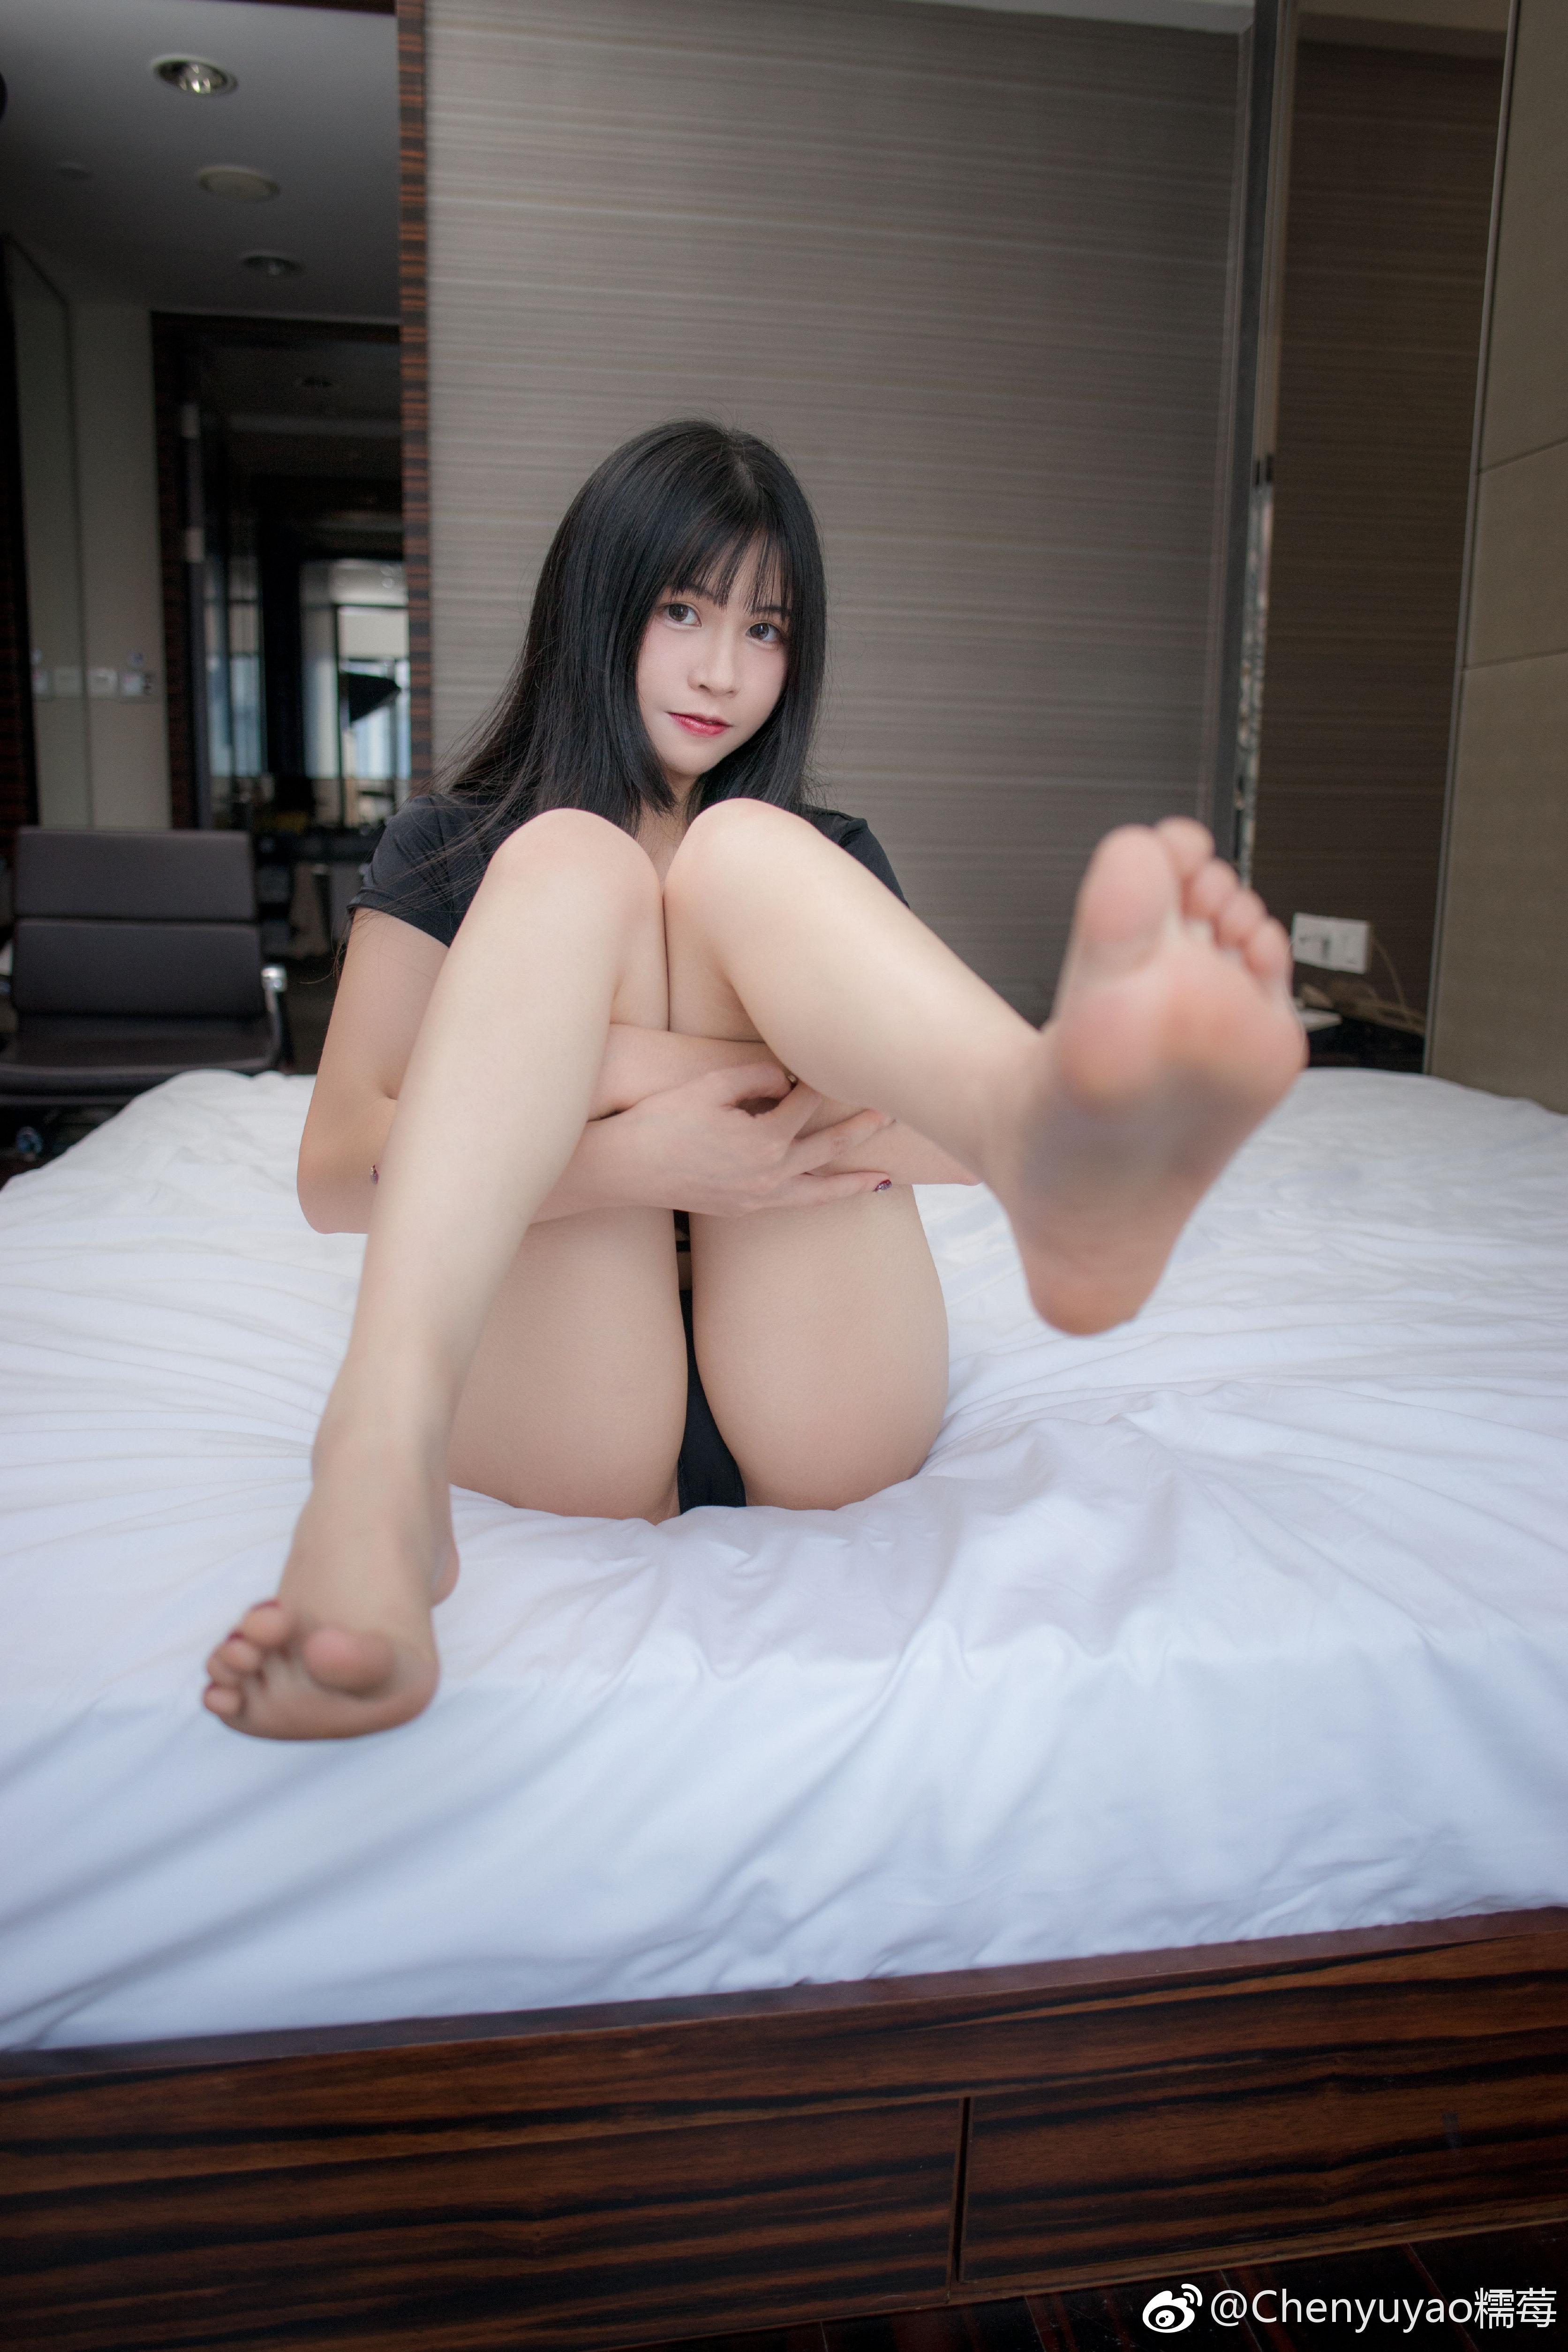 萌妹子的私房写真,小姐姐的笑容真好看!(9P)